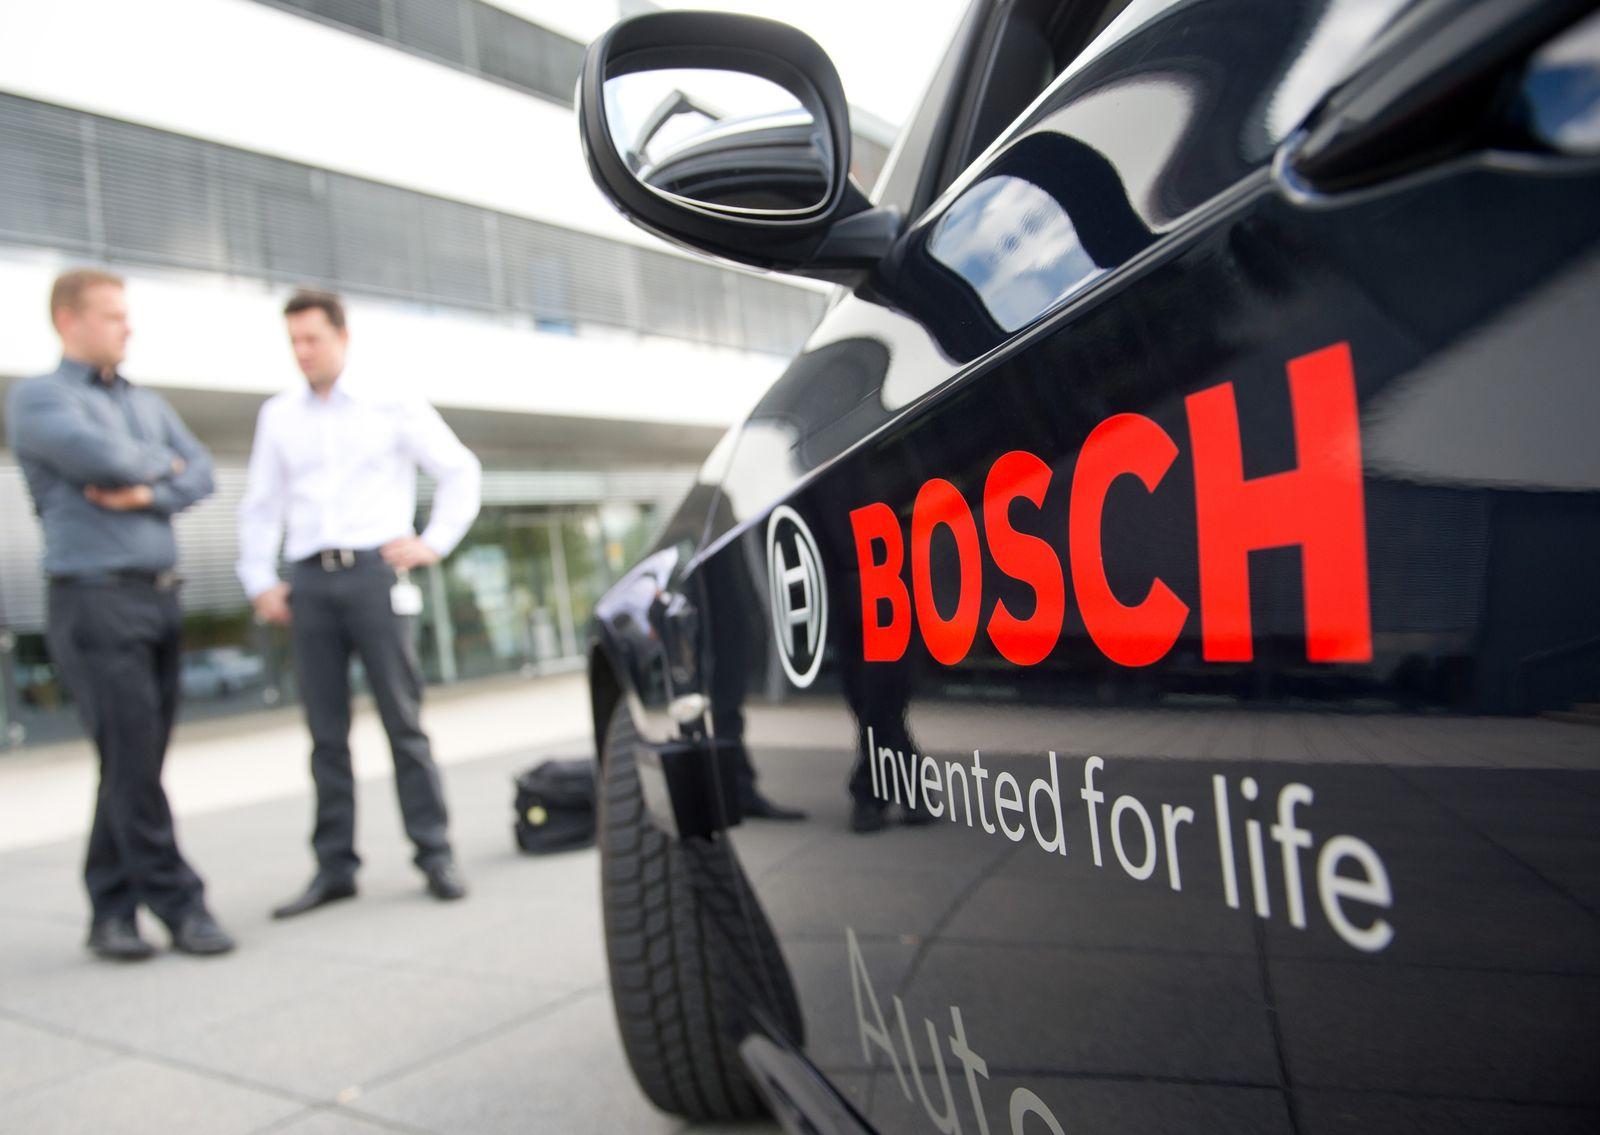 Zulieferer / Top 10 / Bosch